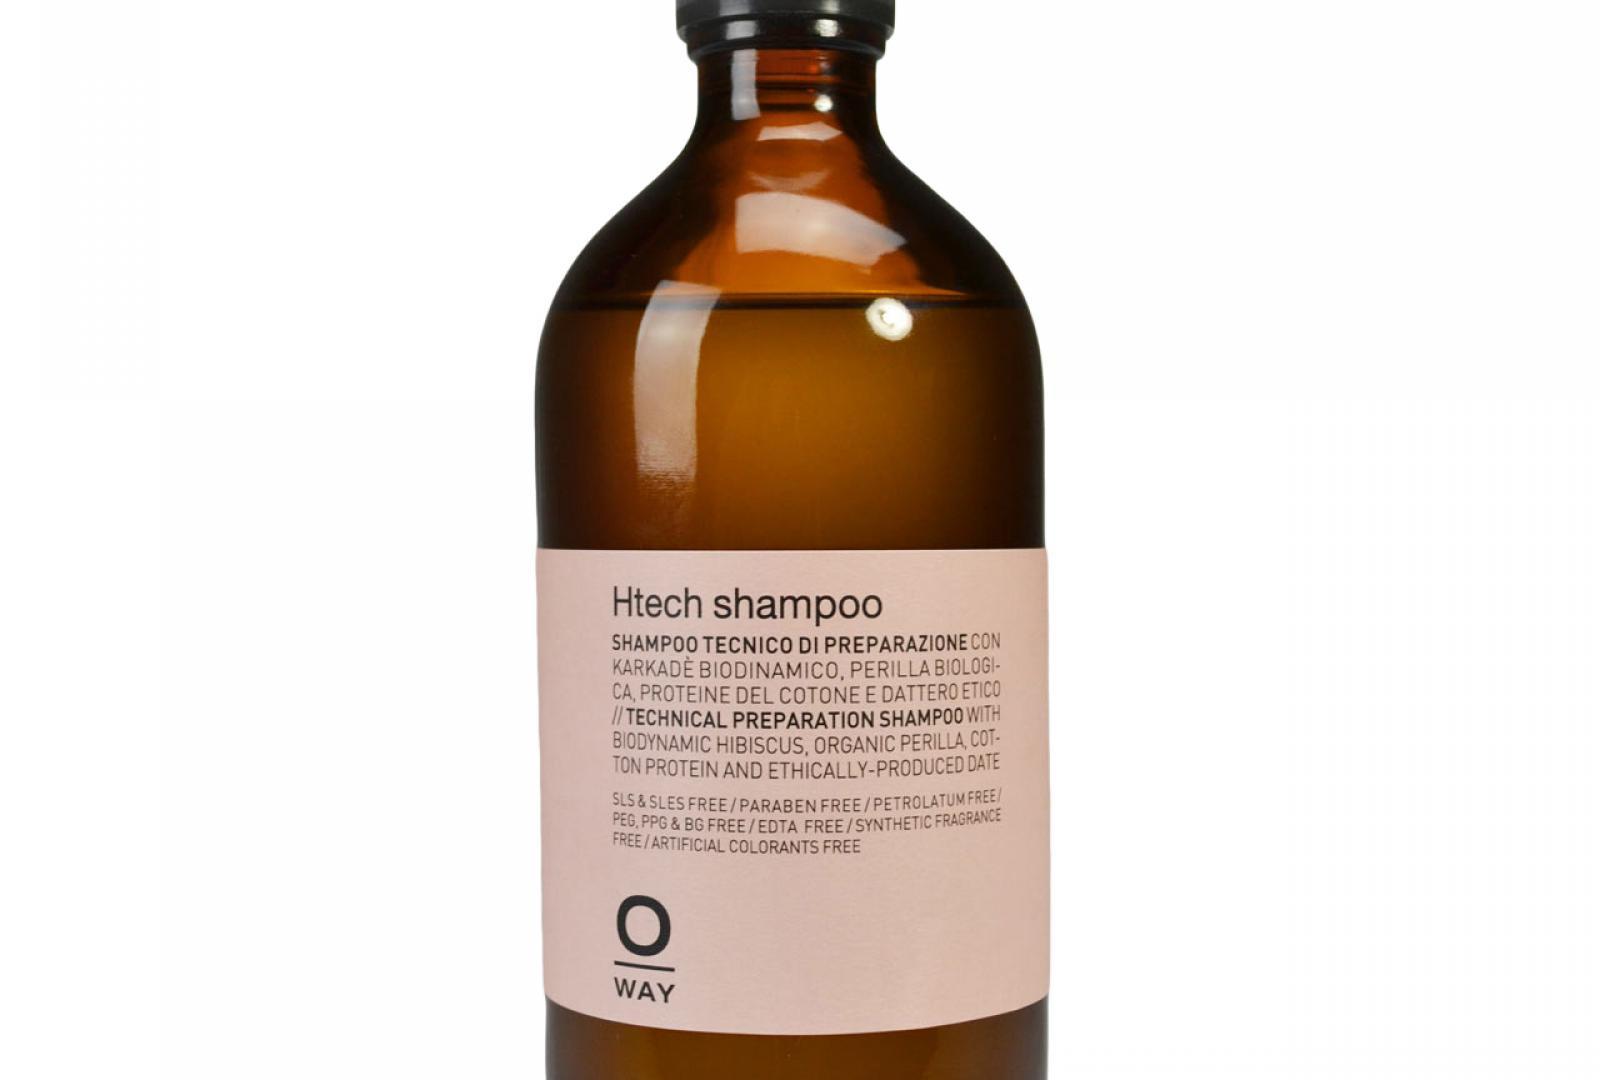 htech_shampoo_g.jpg